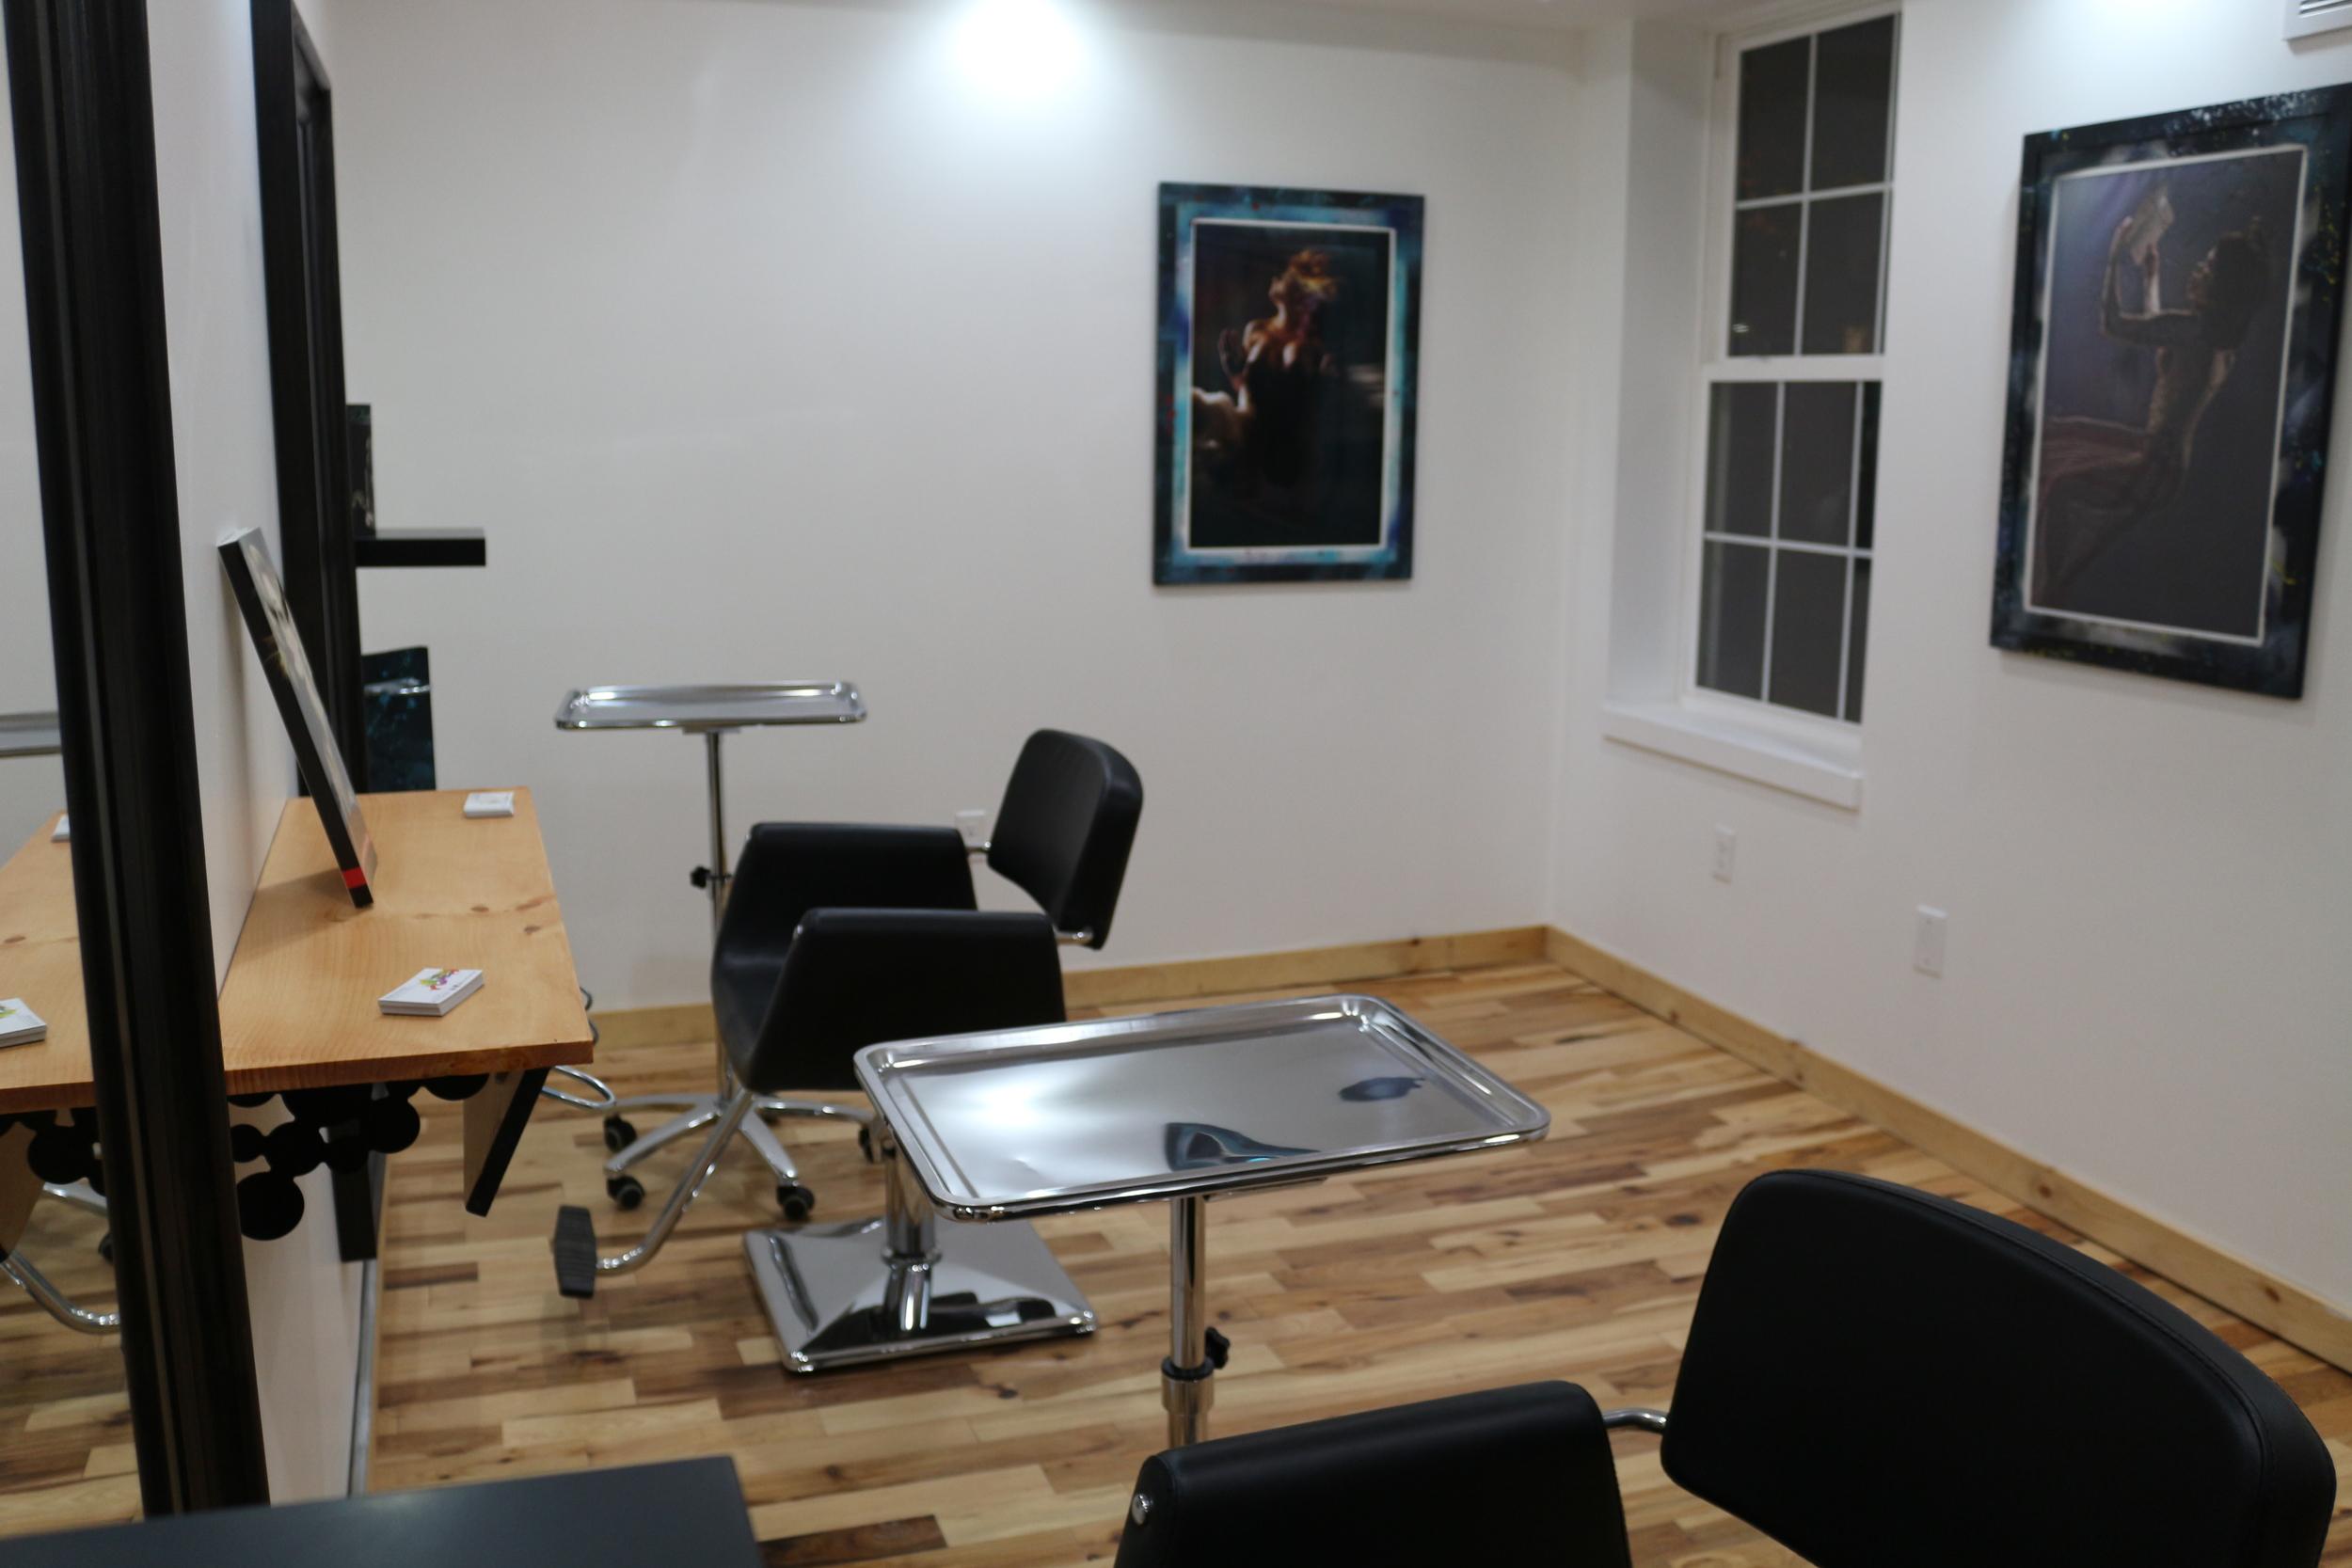 salon masaya salon chairs.JPG